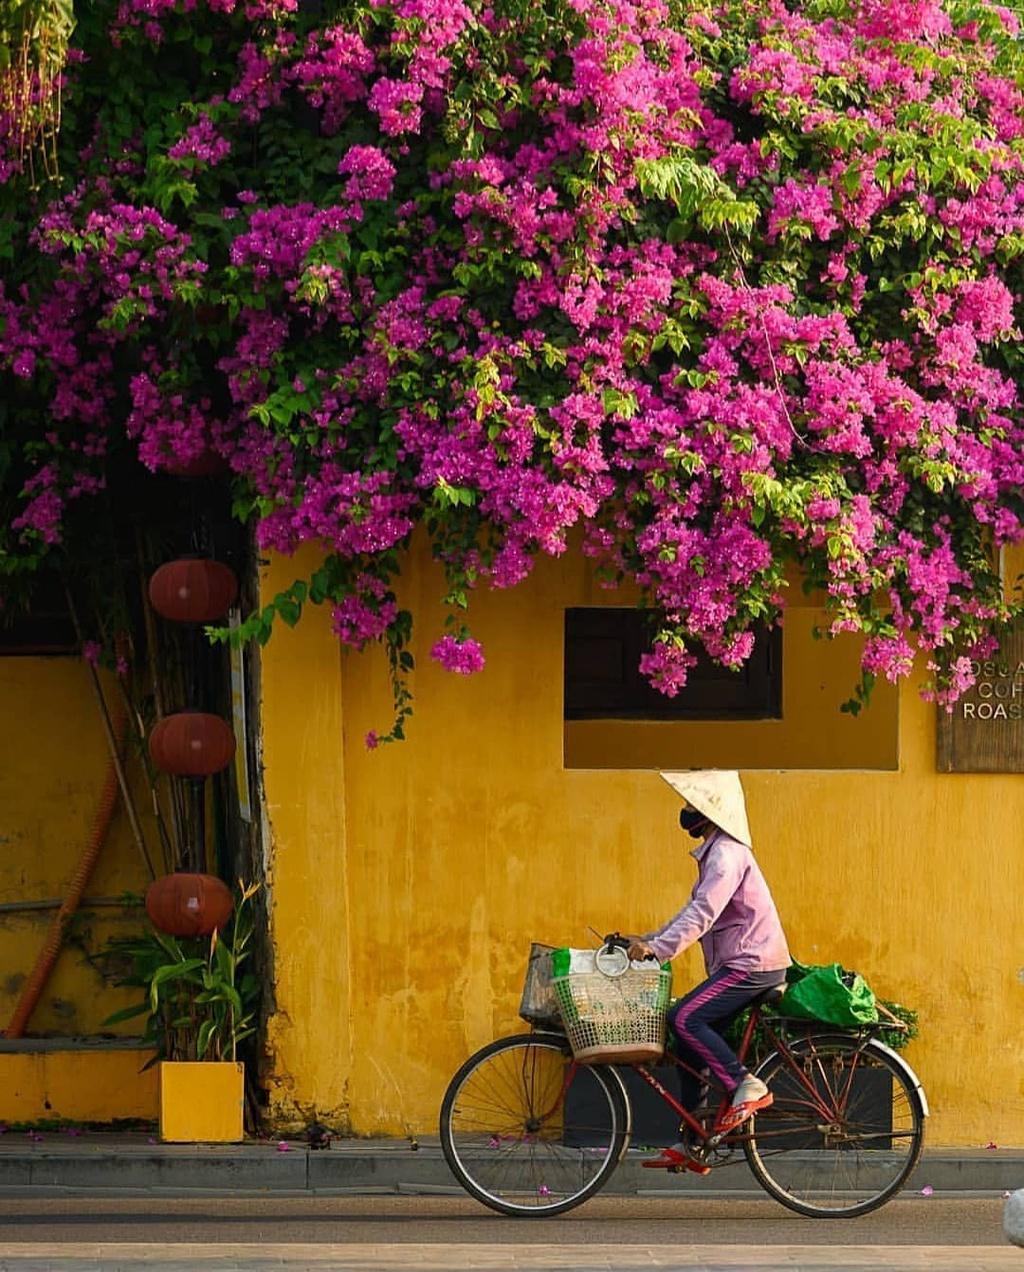 """Hội An (Quảng Nam) vốn là điểm đến được lòng nhiều du khách quốc tế. Một trong những trải nghiệm tại Hội An chưa nhiều người Việt để ý nhưng lại hấp dẫn khách Tây là may đồ tại tiệm may truyền thống. Blogger của trang Seenicwander gợi ý du khách nên một lần mặc đồ may ở phố cổ. """"Các hàng vải, tiệm may truyền thống là nét đep văn hóa đặc trưng lại Hội An. Bạn có thể tự chọn một khúc vải, đặt tiệm may theo số đo yêu cầu và nhận sản phẩm trong ngày"""", blogger trang Seenicwander viết. Ảnh: sheisnotlost, nomadvietnam."""